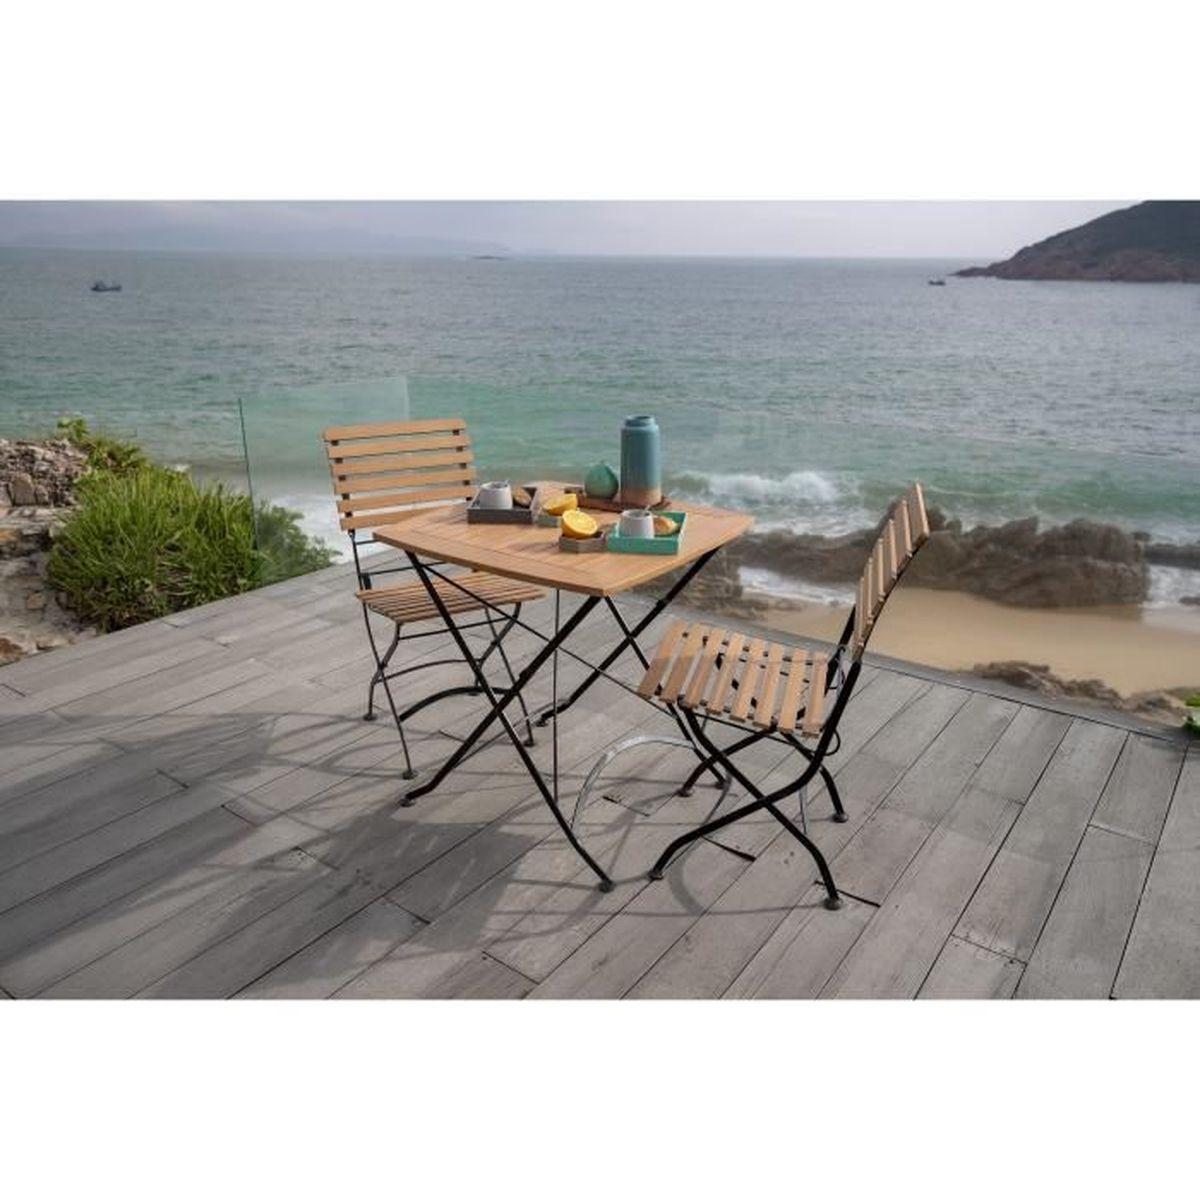 Table pliable - Achat / Vente pas cher